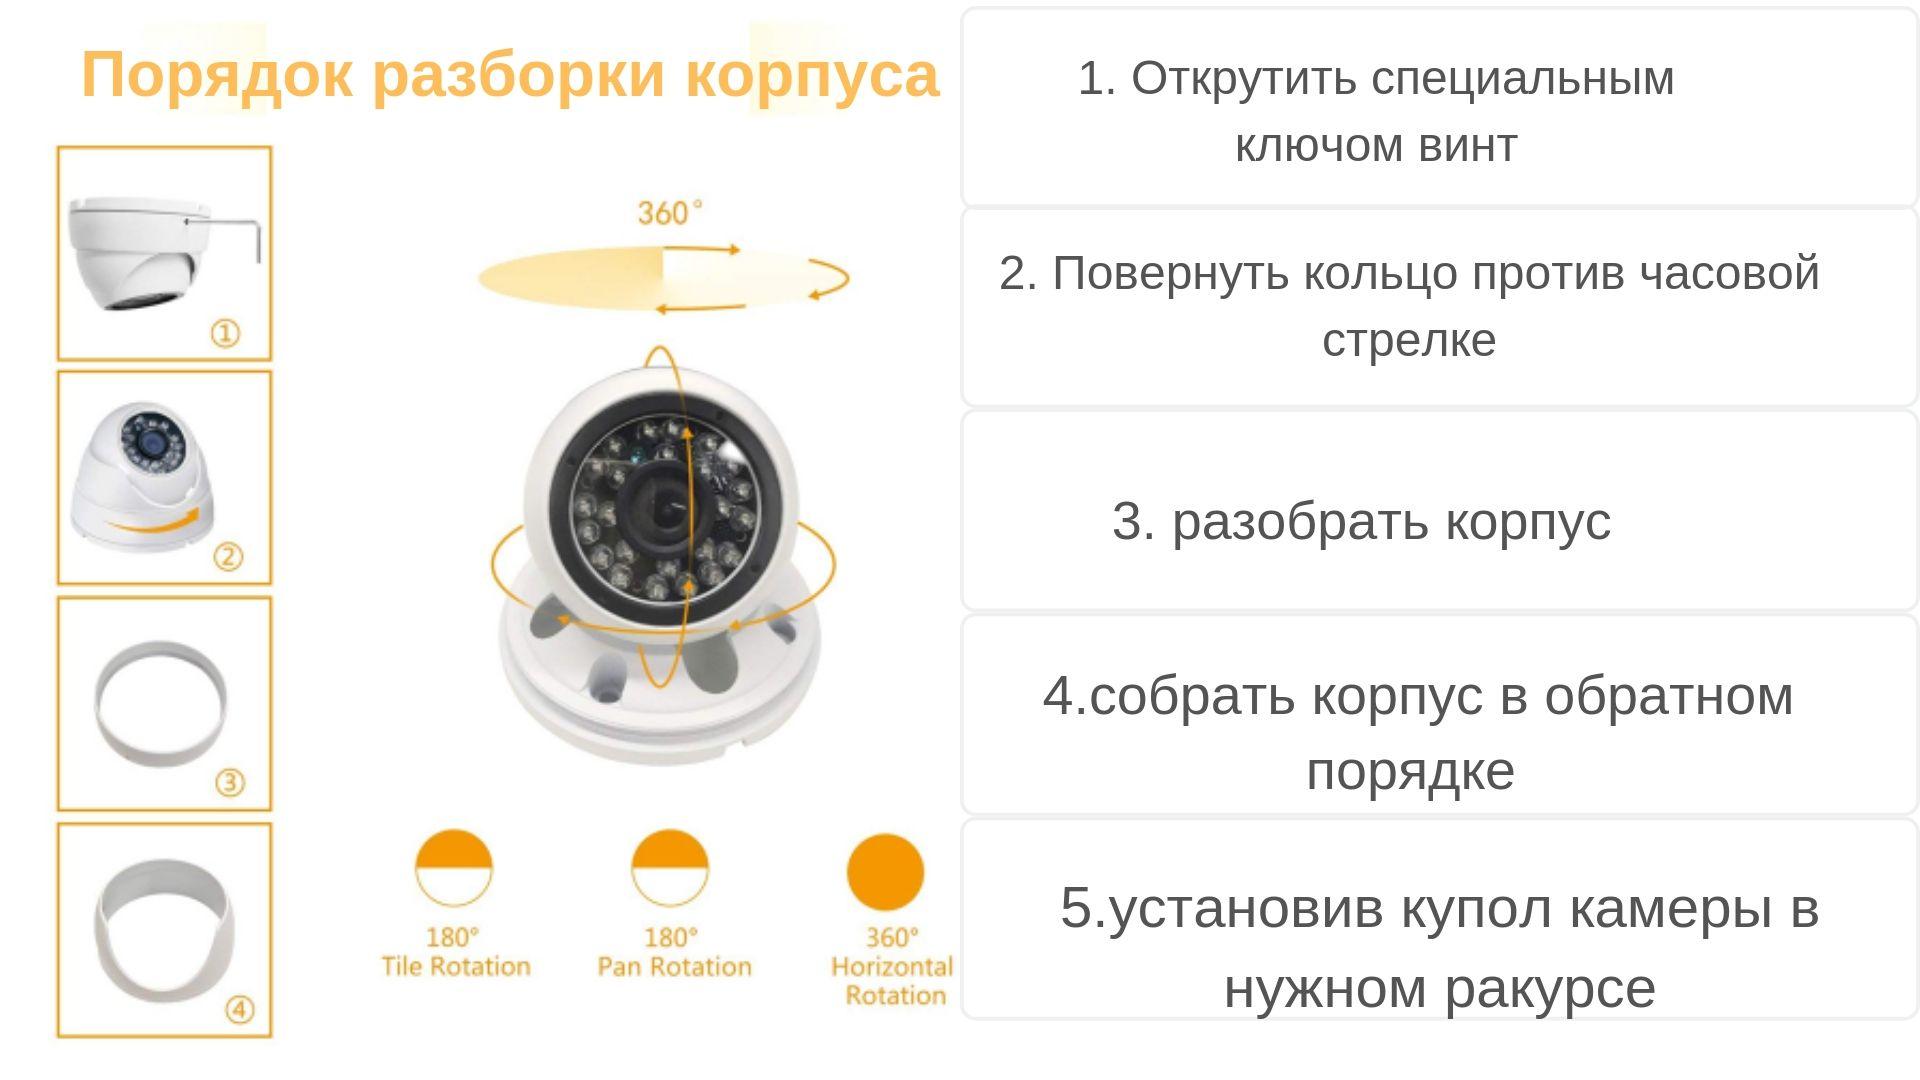 Инструкция Вид: разборка корпуса внутренней видеокамеры CAICO TECH CCTV